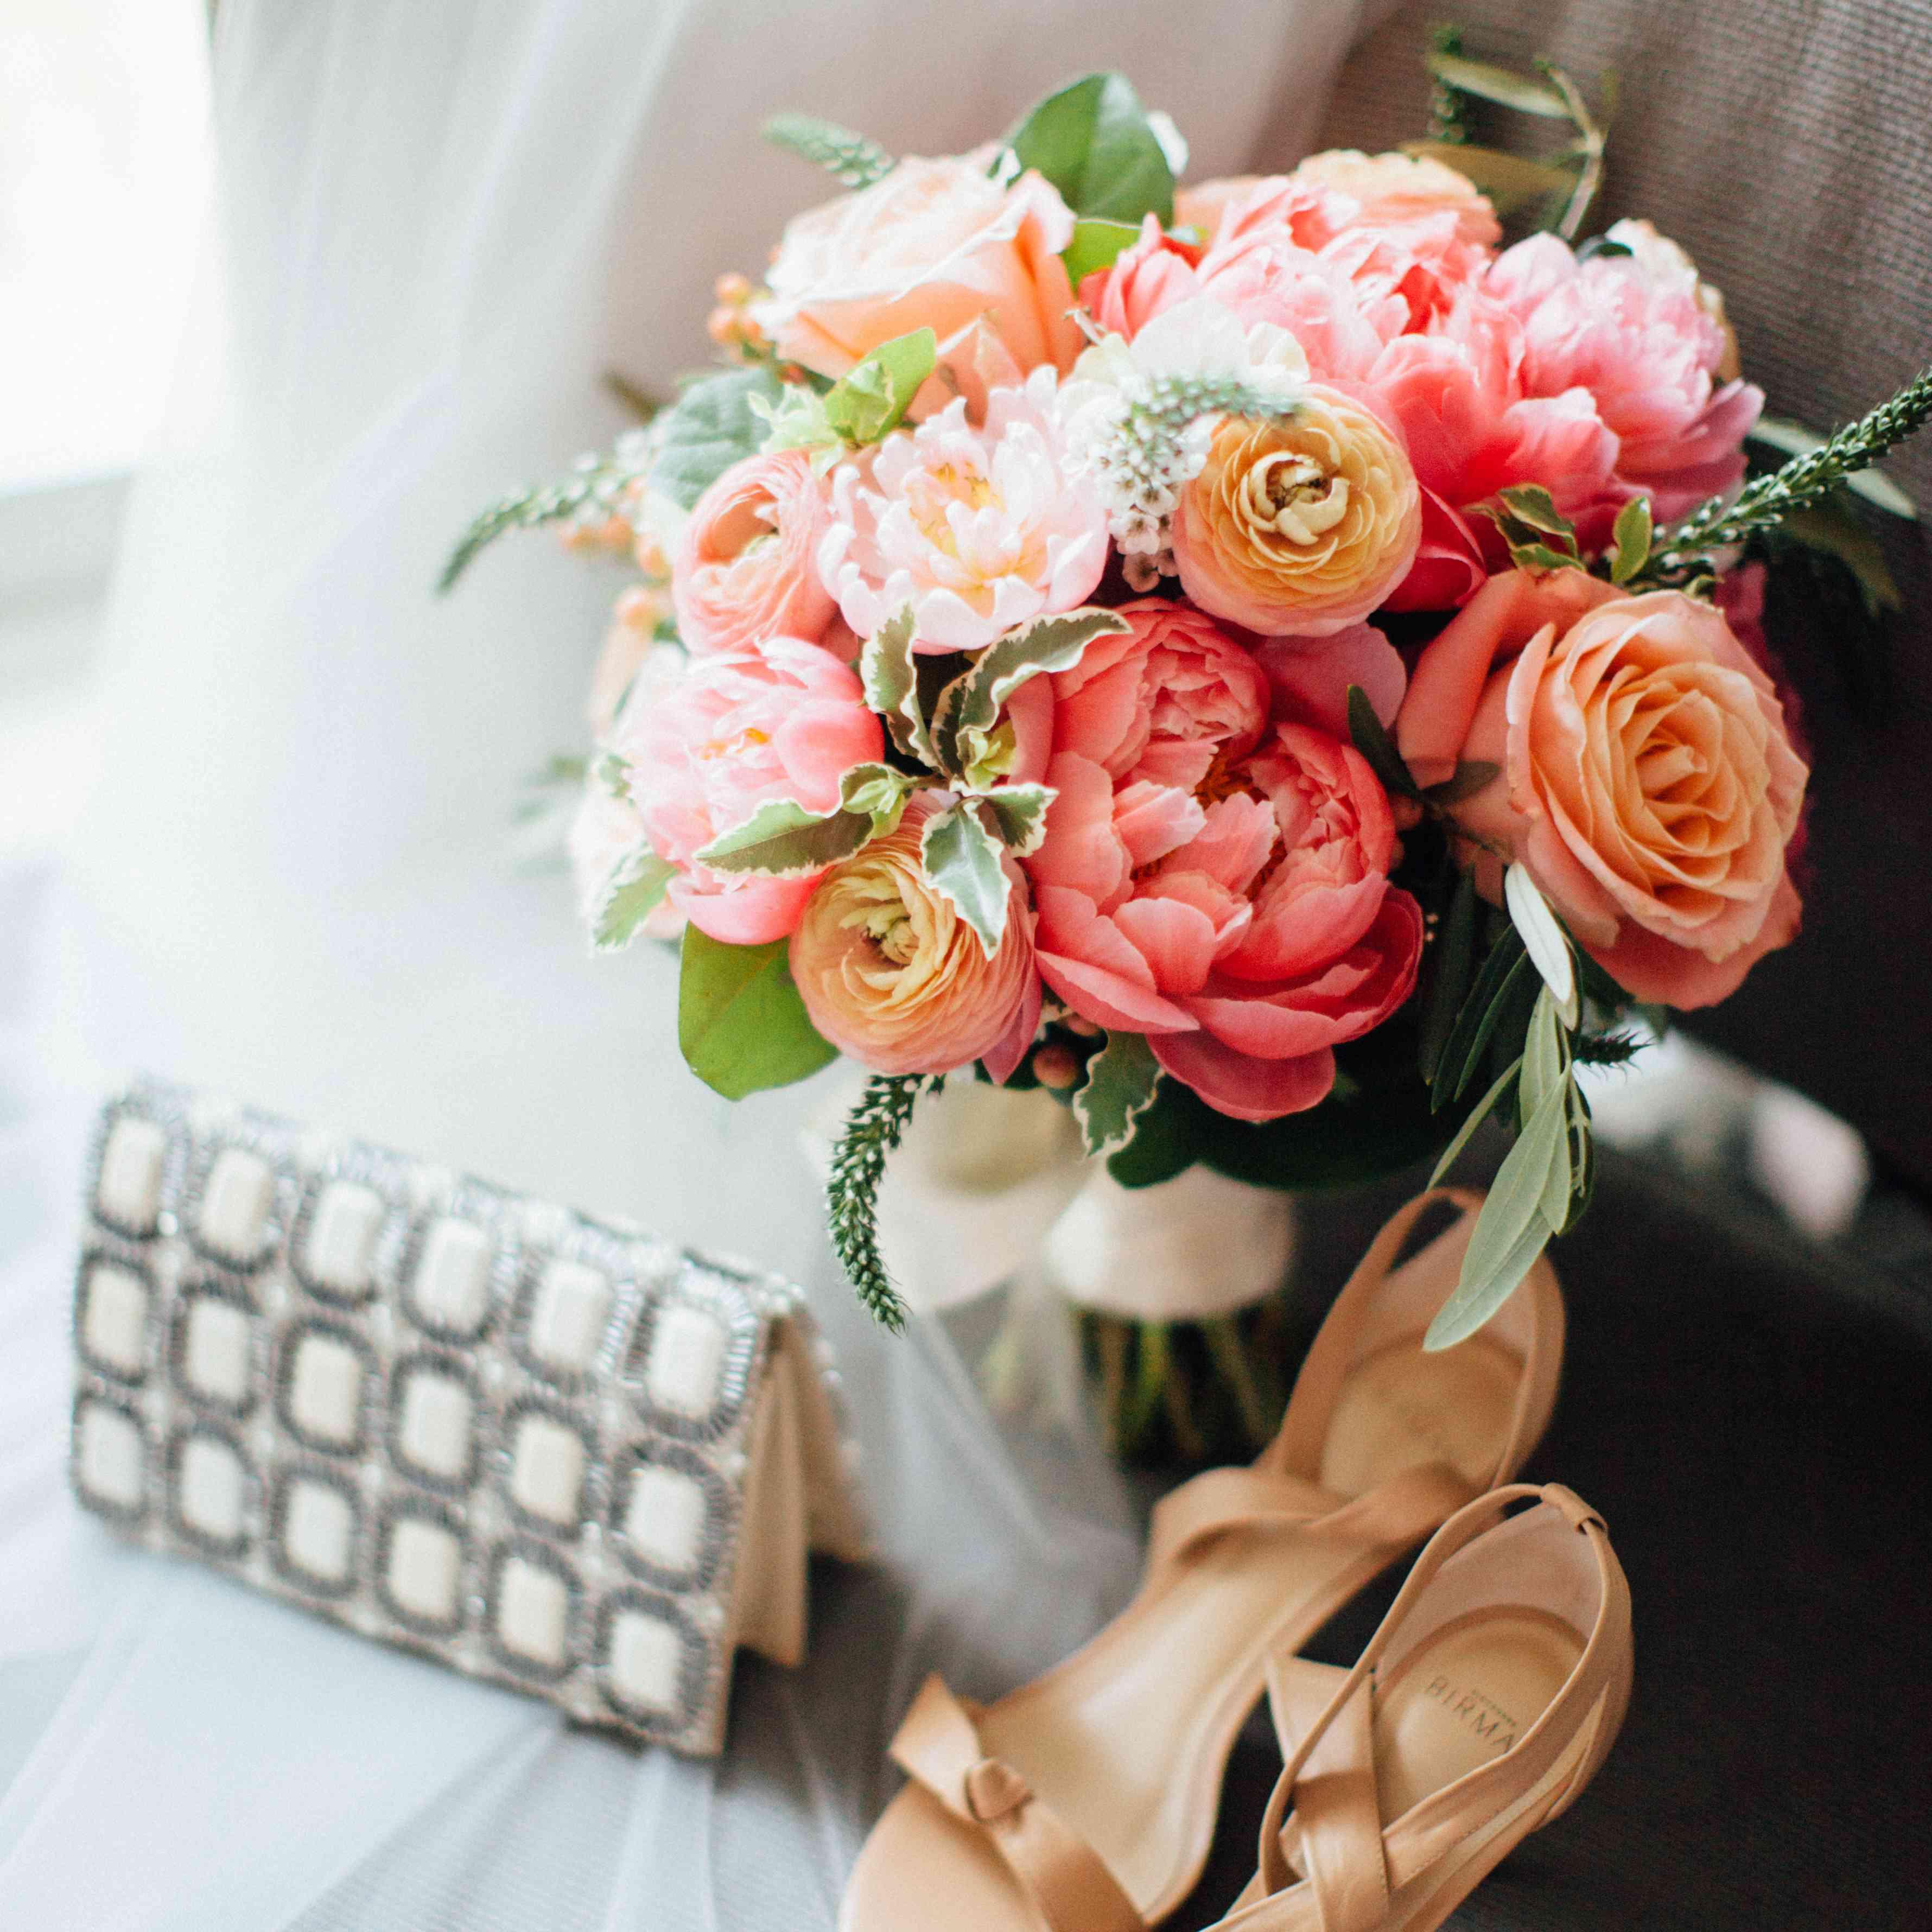 <p>Bridal Bouquet and Shoes</p><br><br>